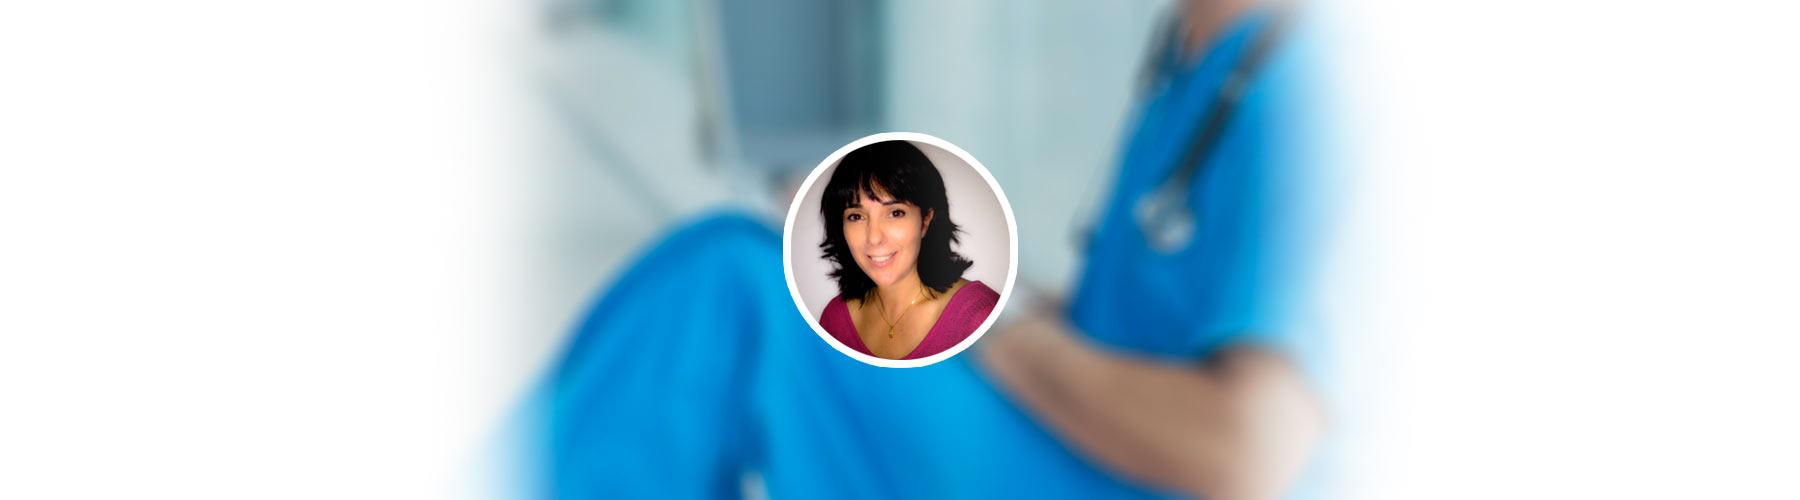 SalusPlay, formación enfermería online